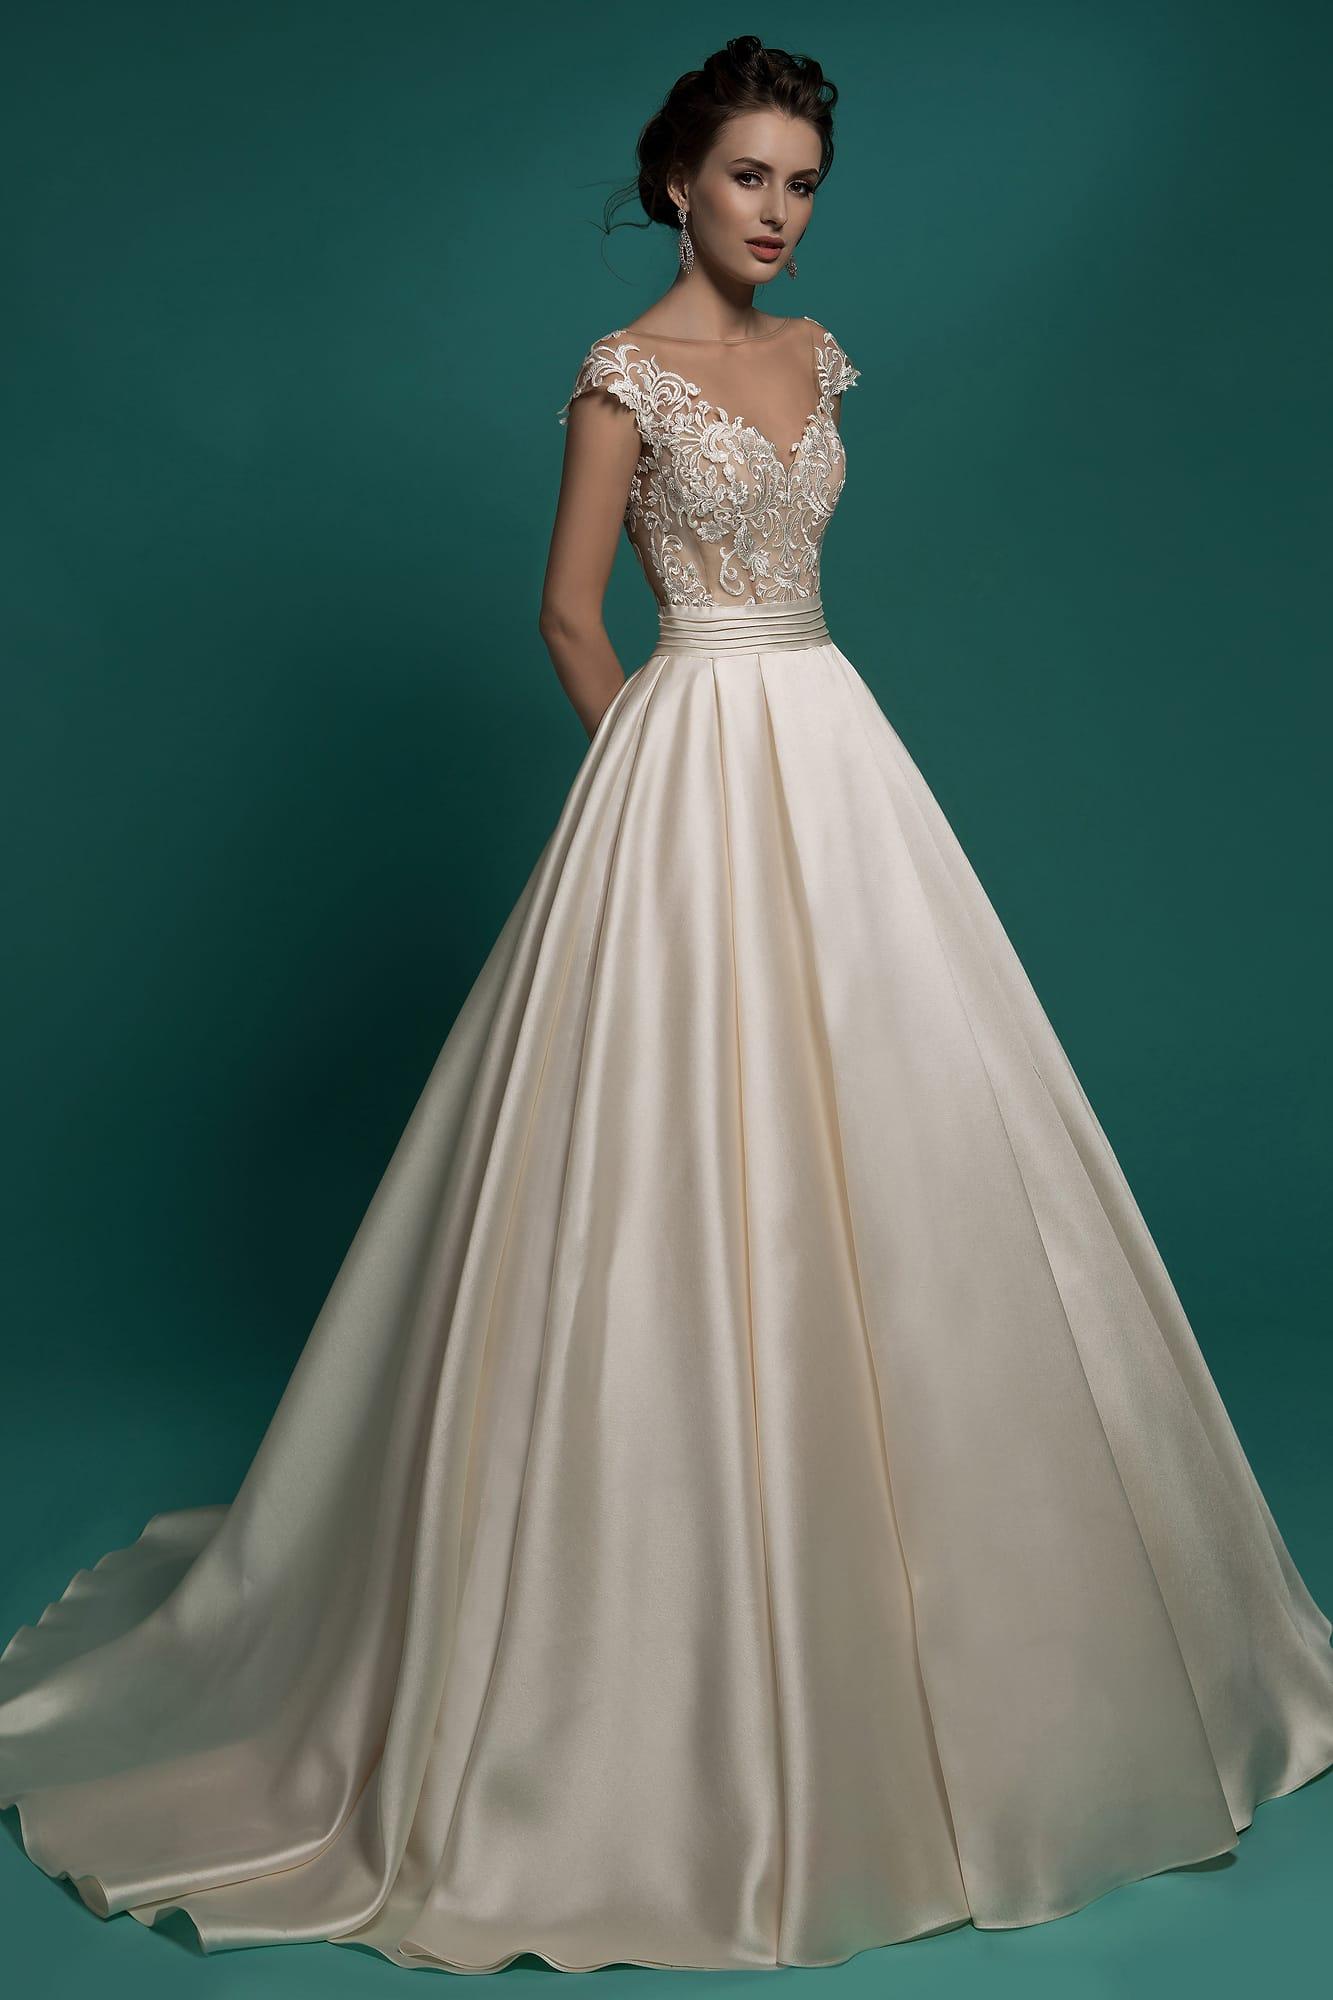 125b76e87cf Свадебное платье А-силуэта цвета слоновой кости с элегантным кружевным  лифом.